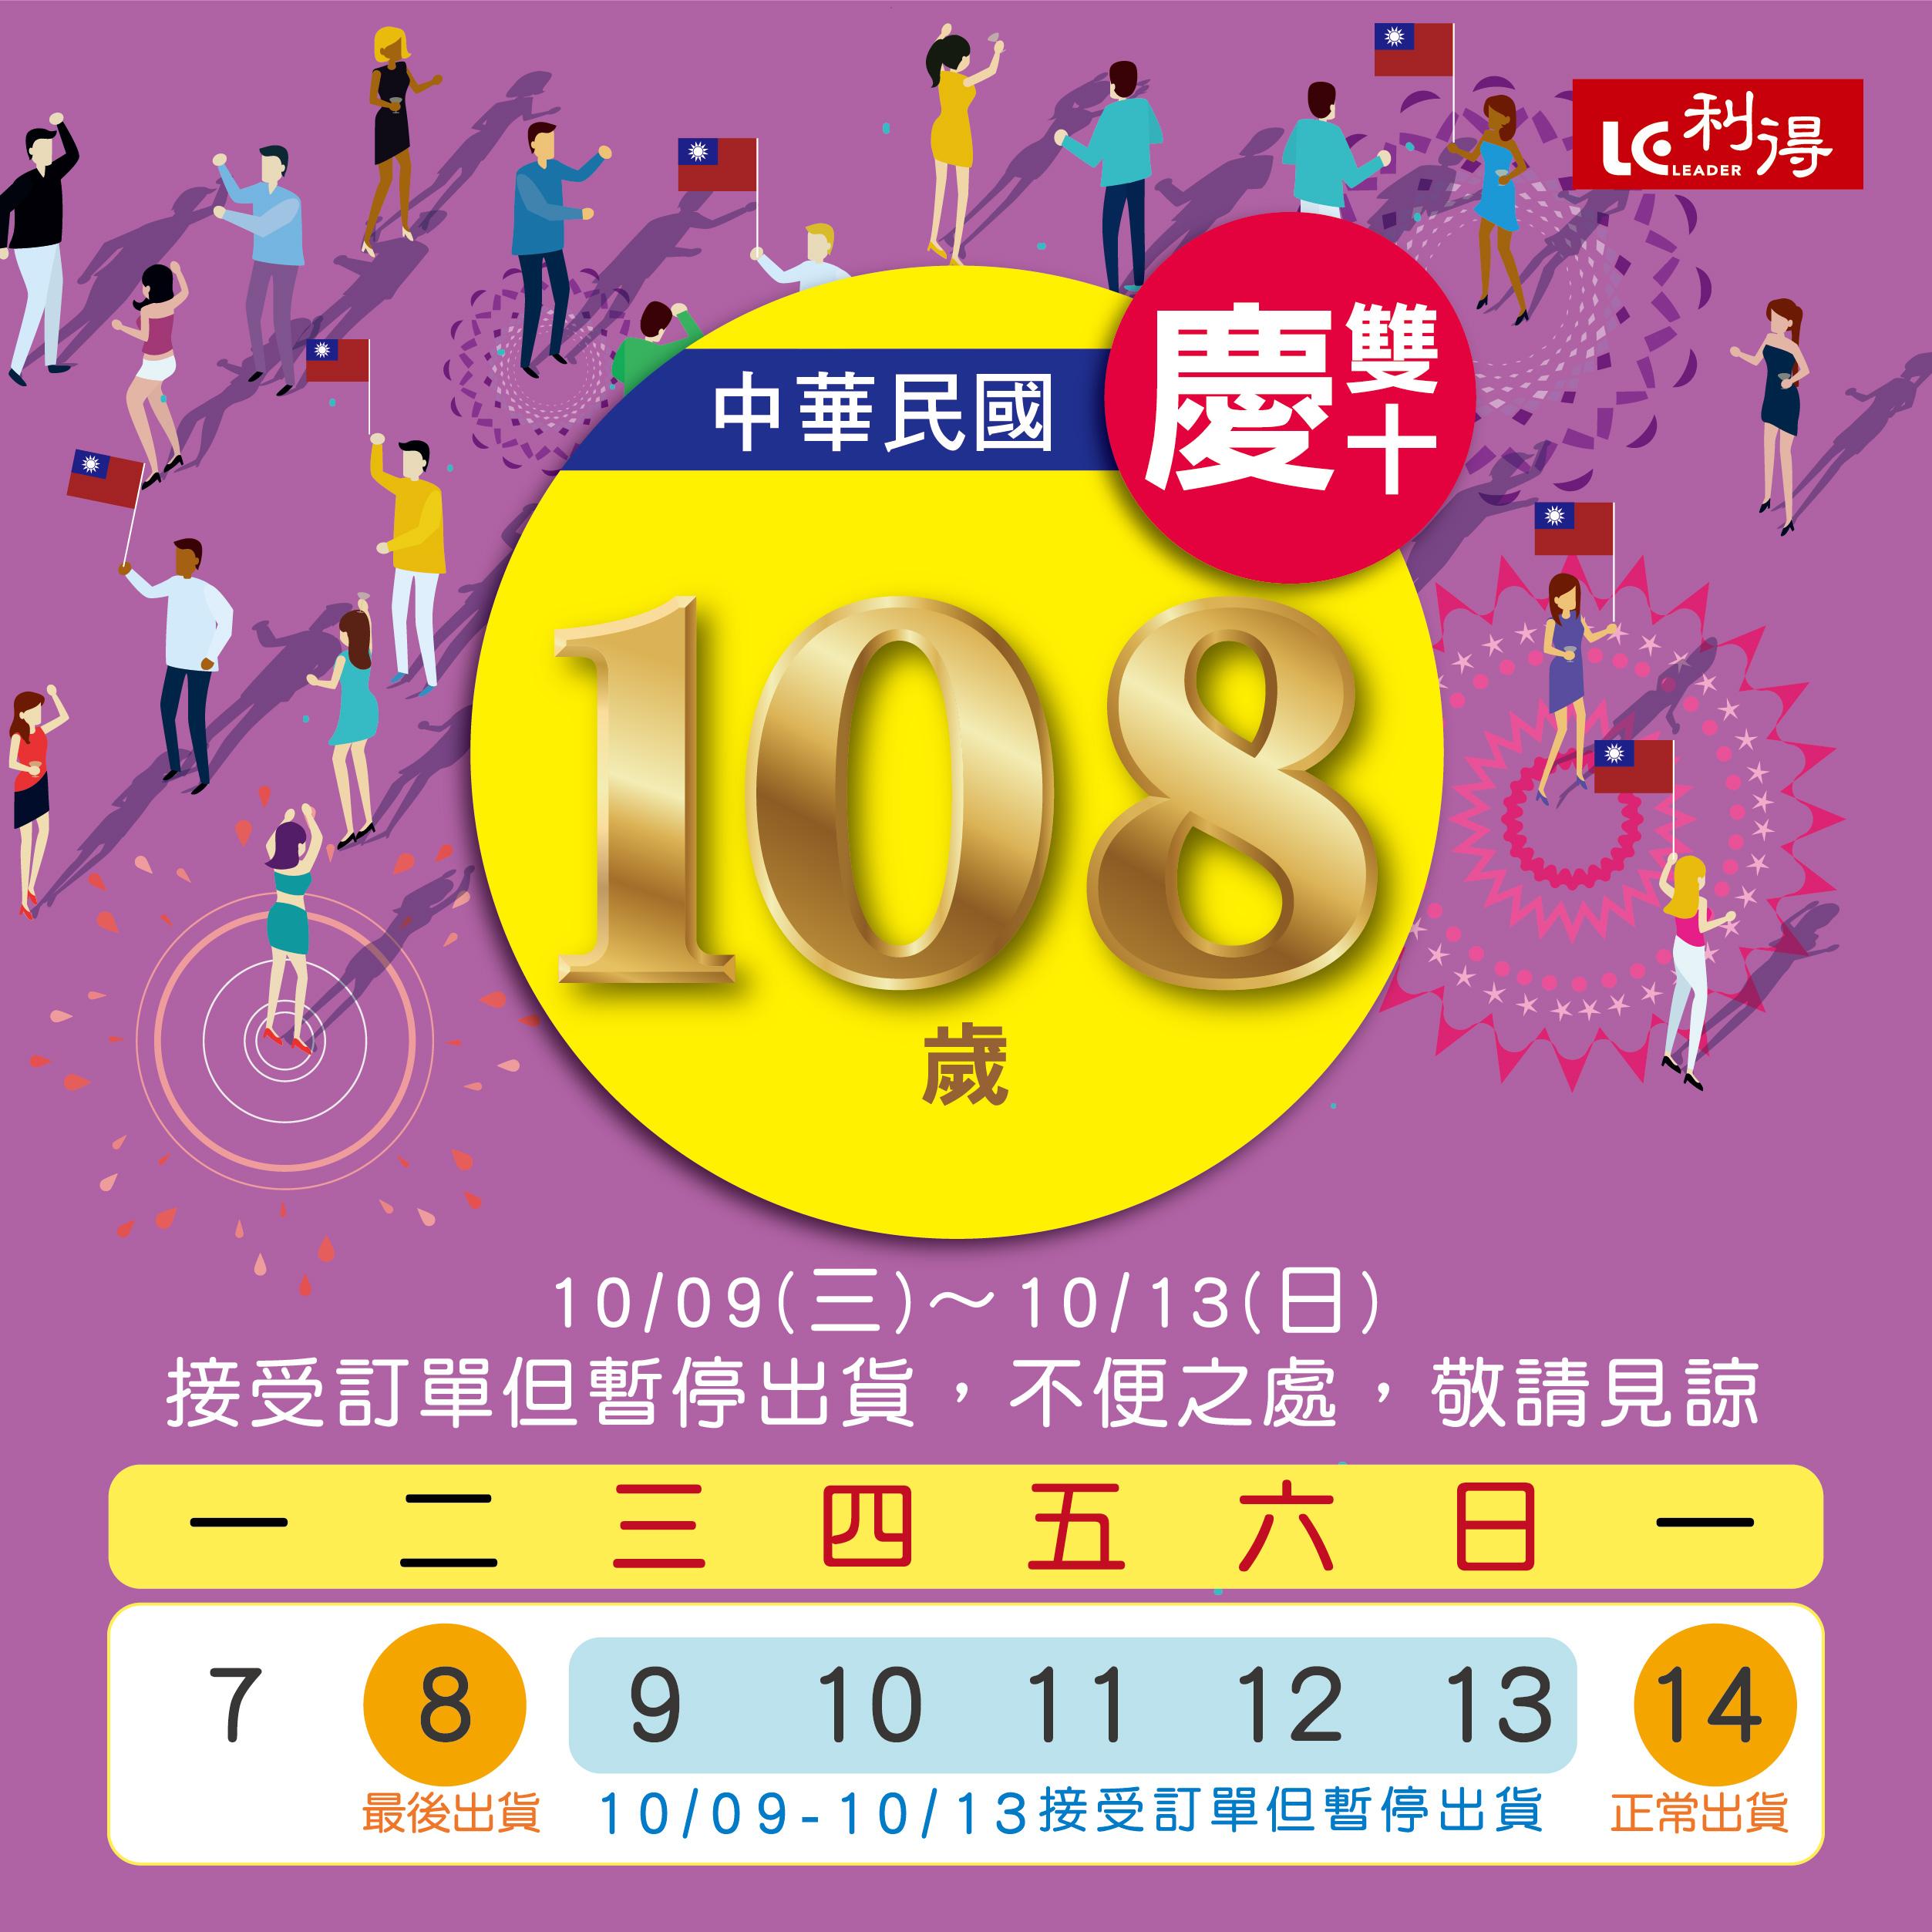 2019 歡慶雙十-2-01